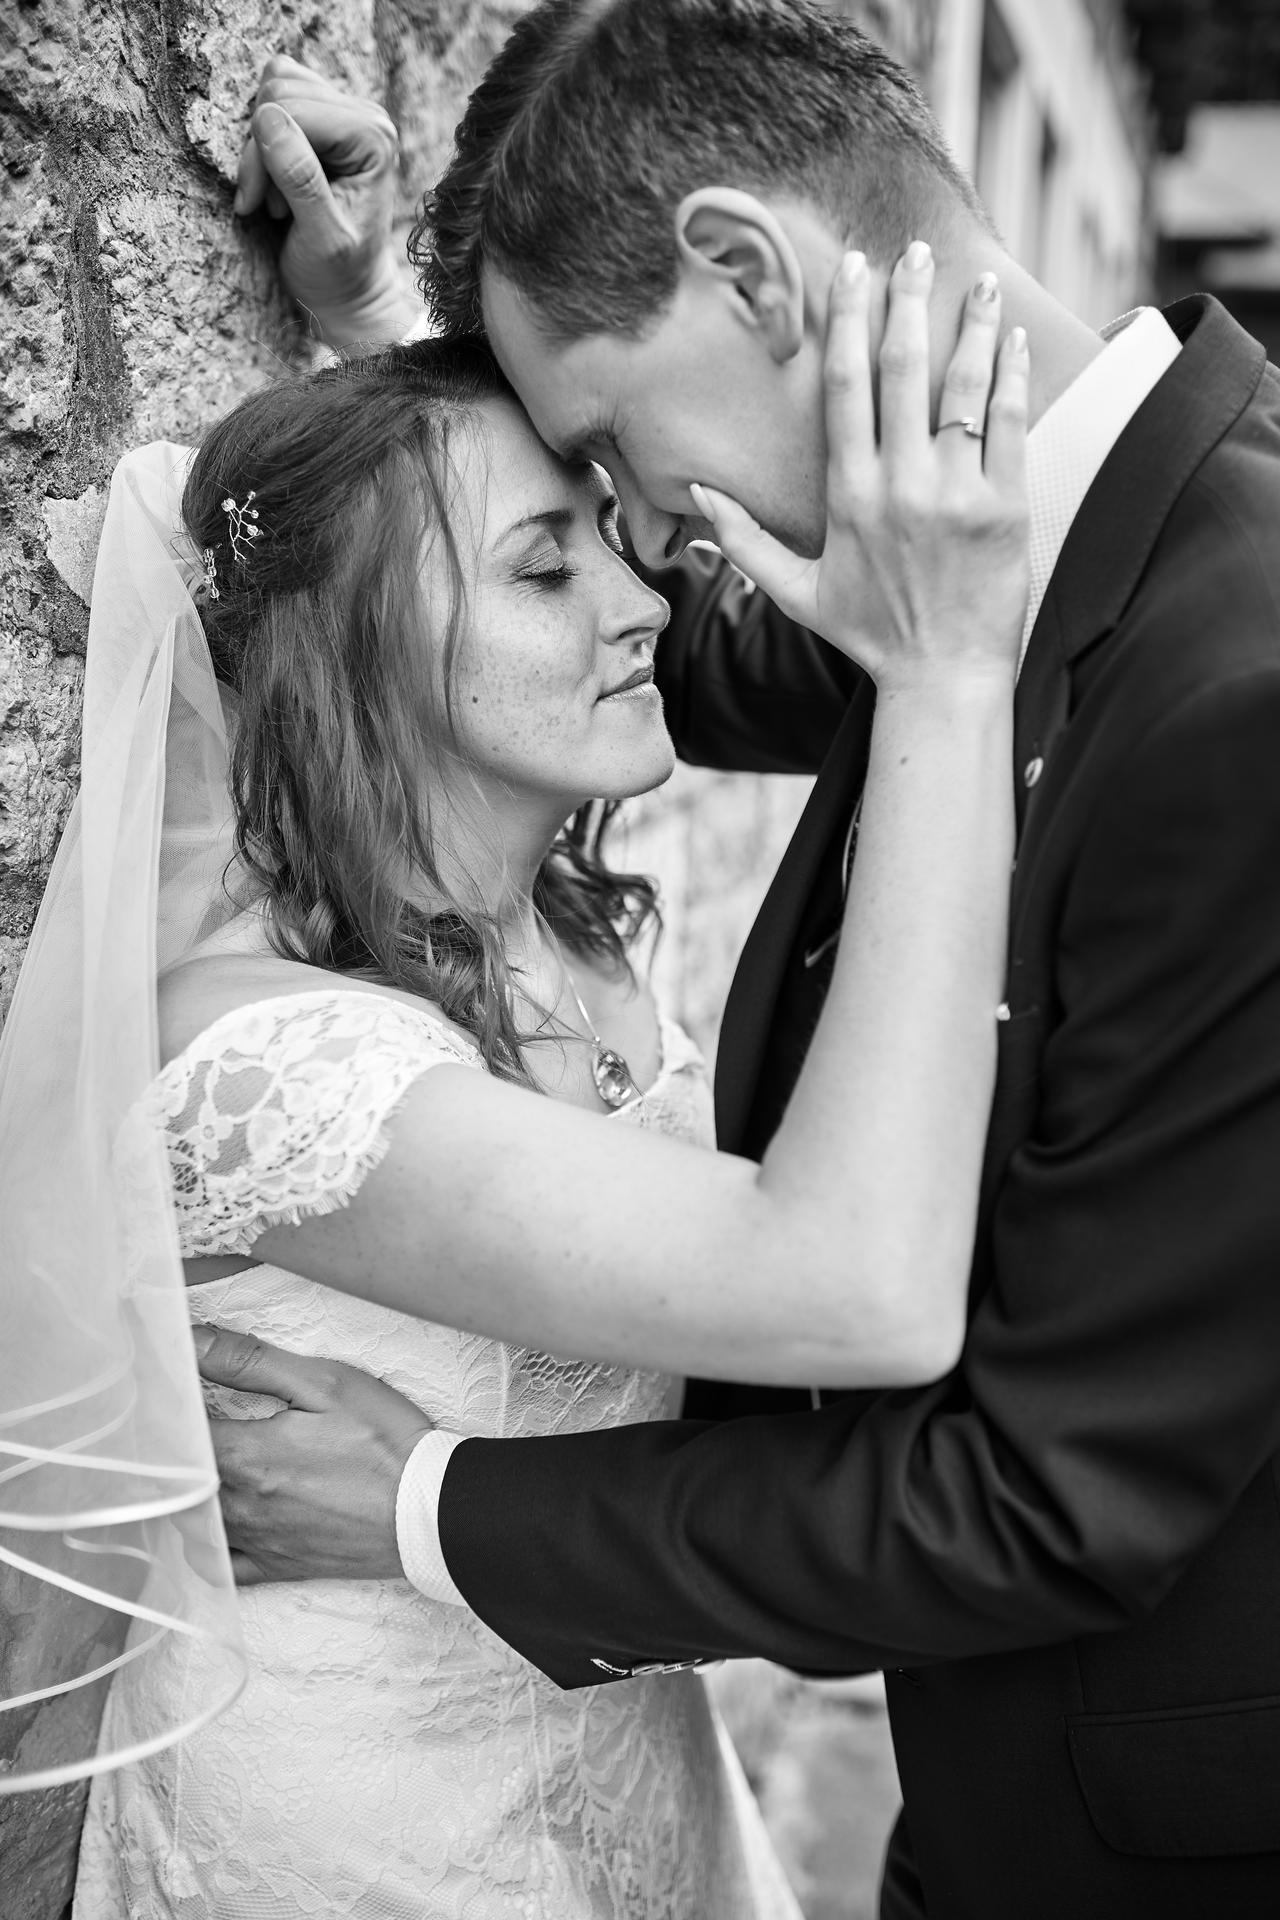 Svatba 6.6.2020 - Focení v areálu Švýcárny.